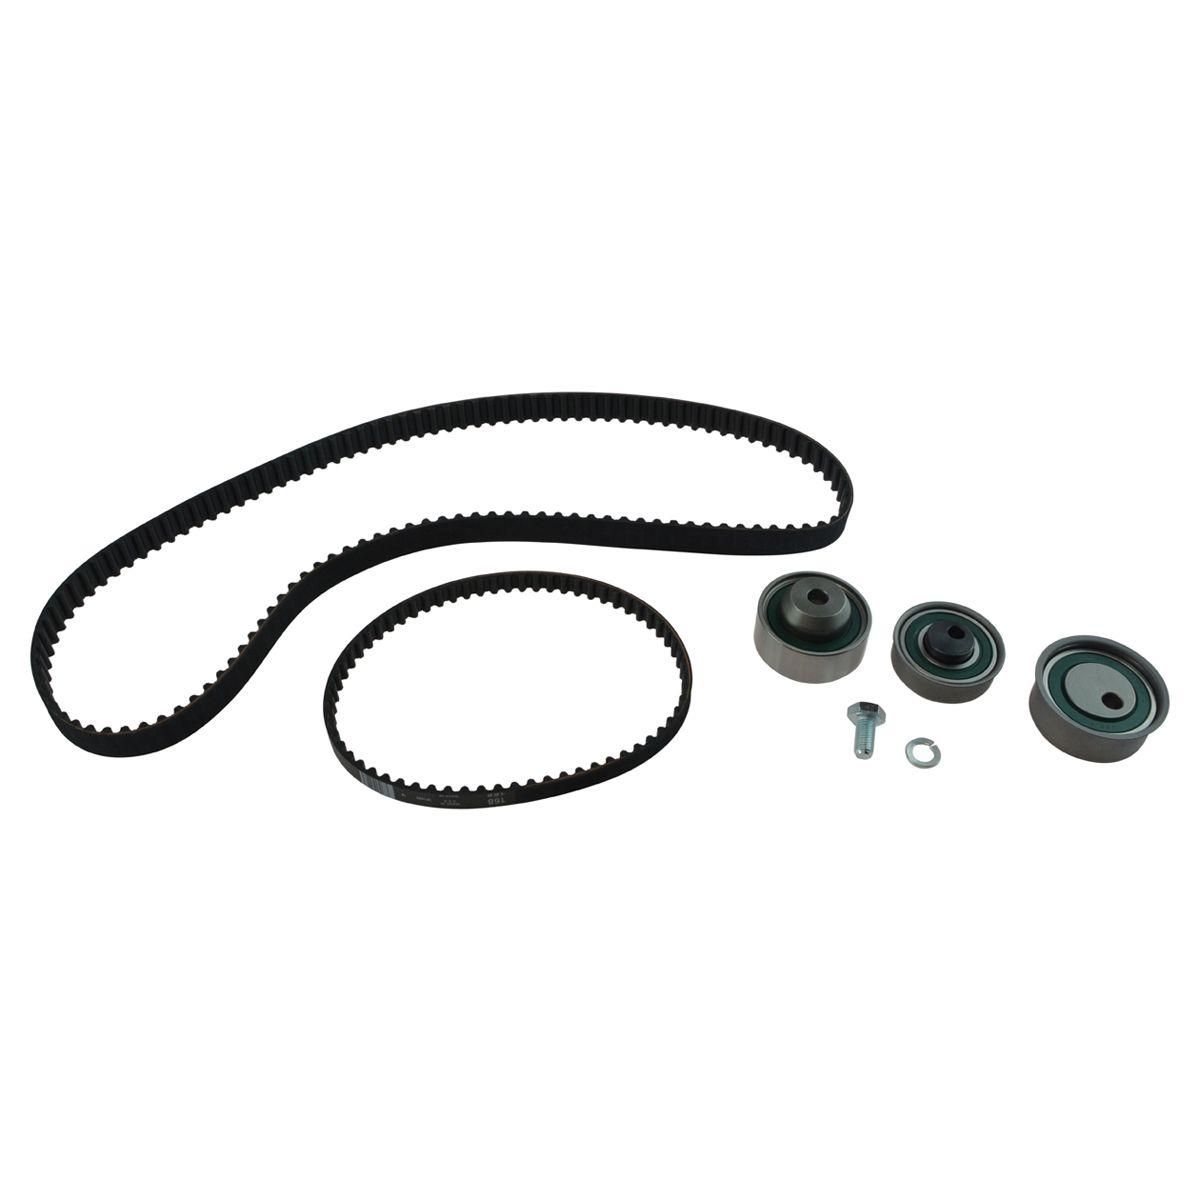 Timing Belt Component Kit Set For Mitsubishi Lancer